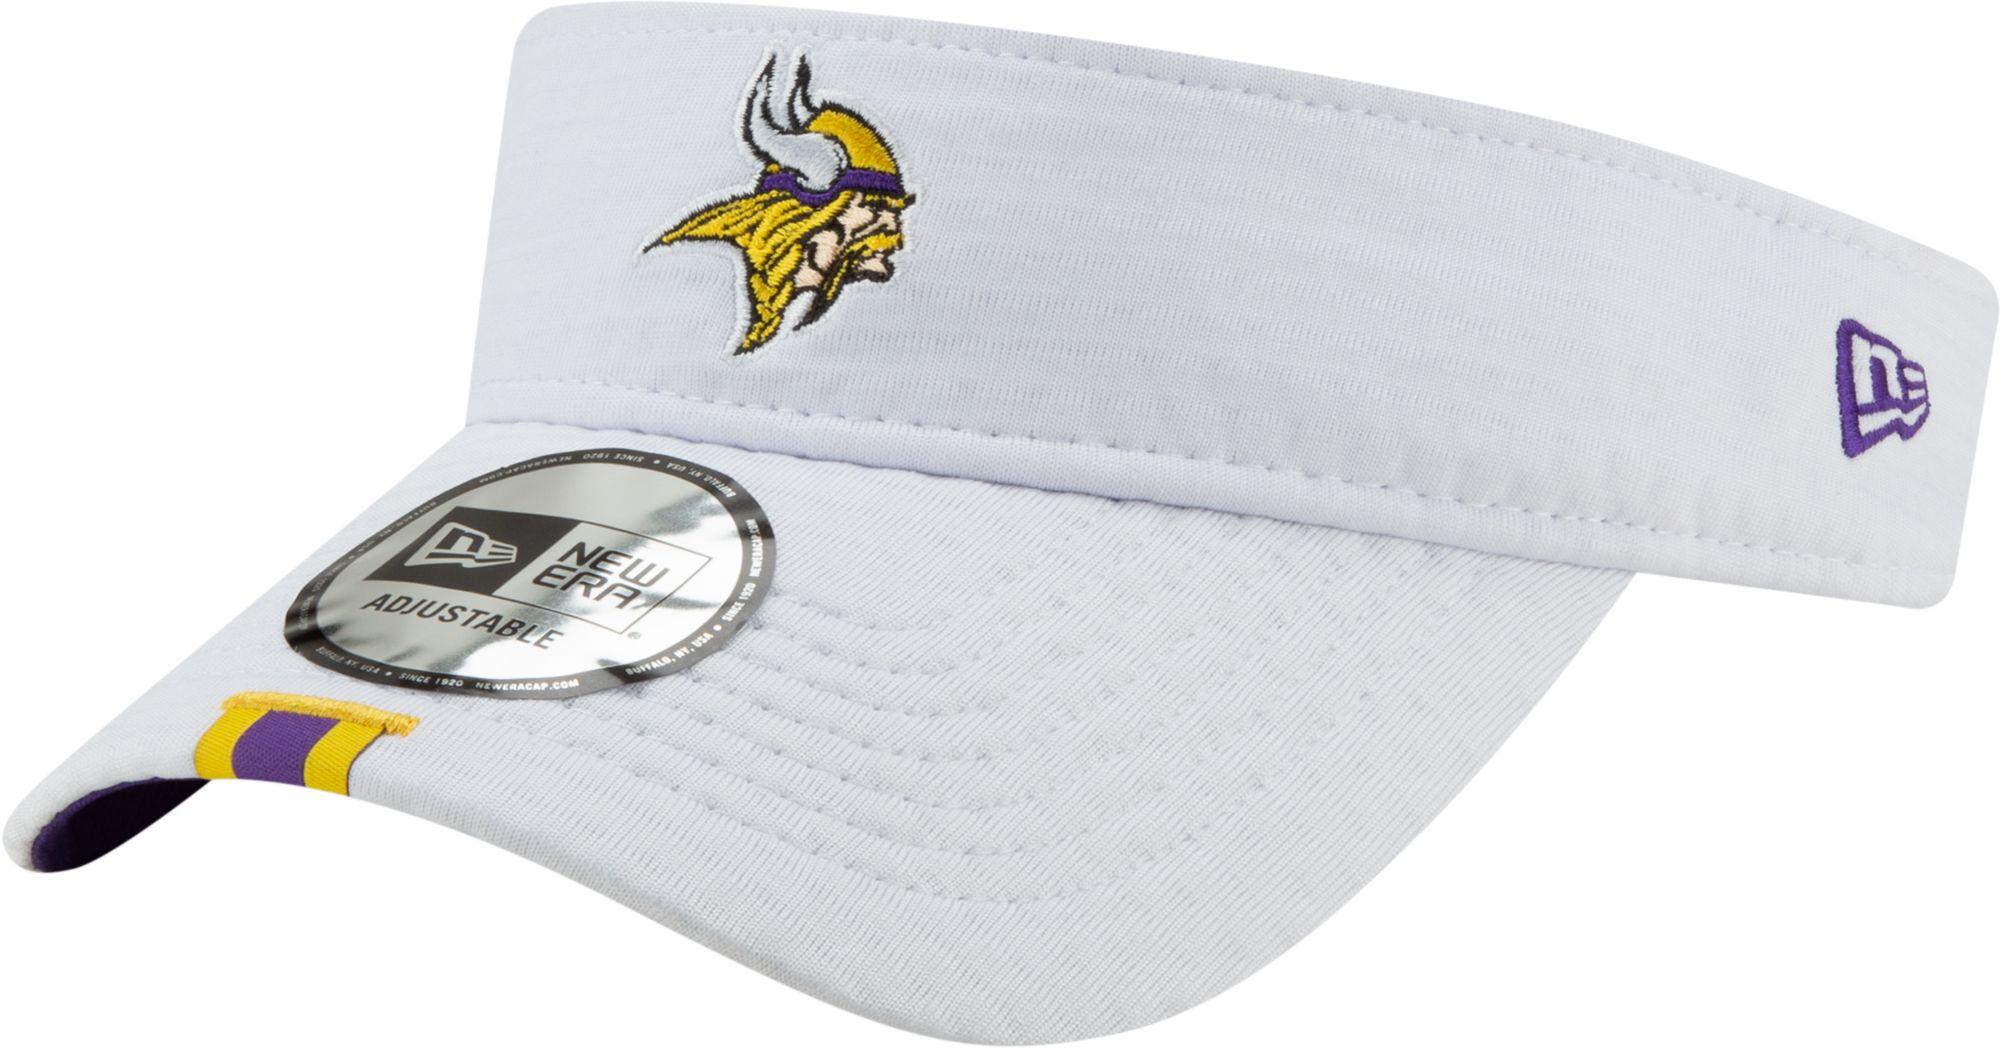 507db0d3 New Era Men's Minnesota Vikings Sideline Training Camp Adjustable White  Visor